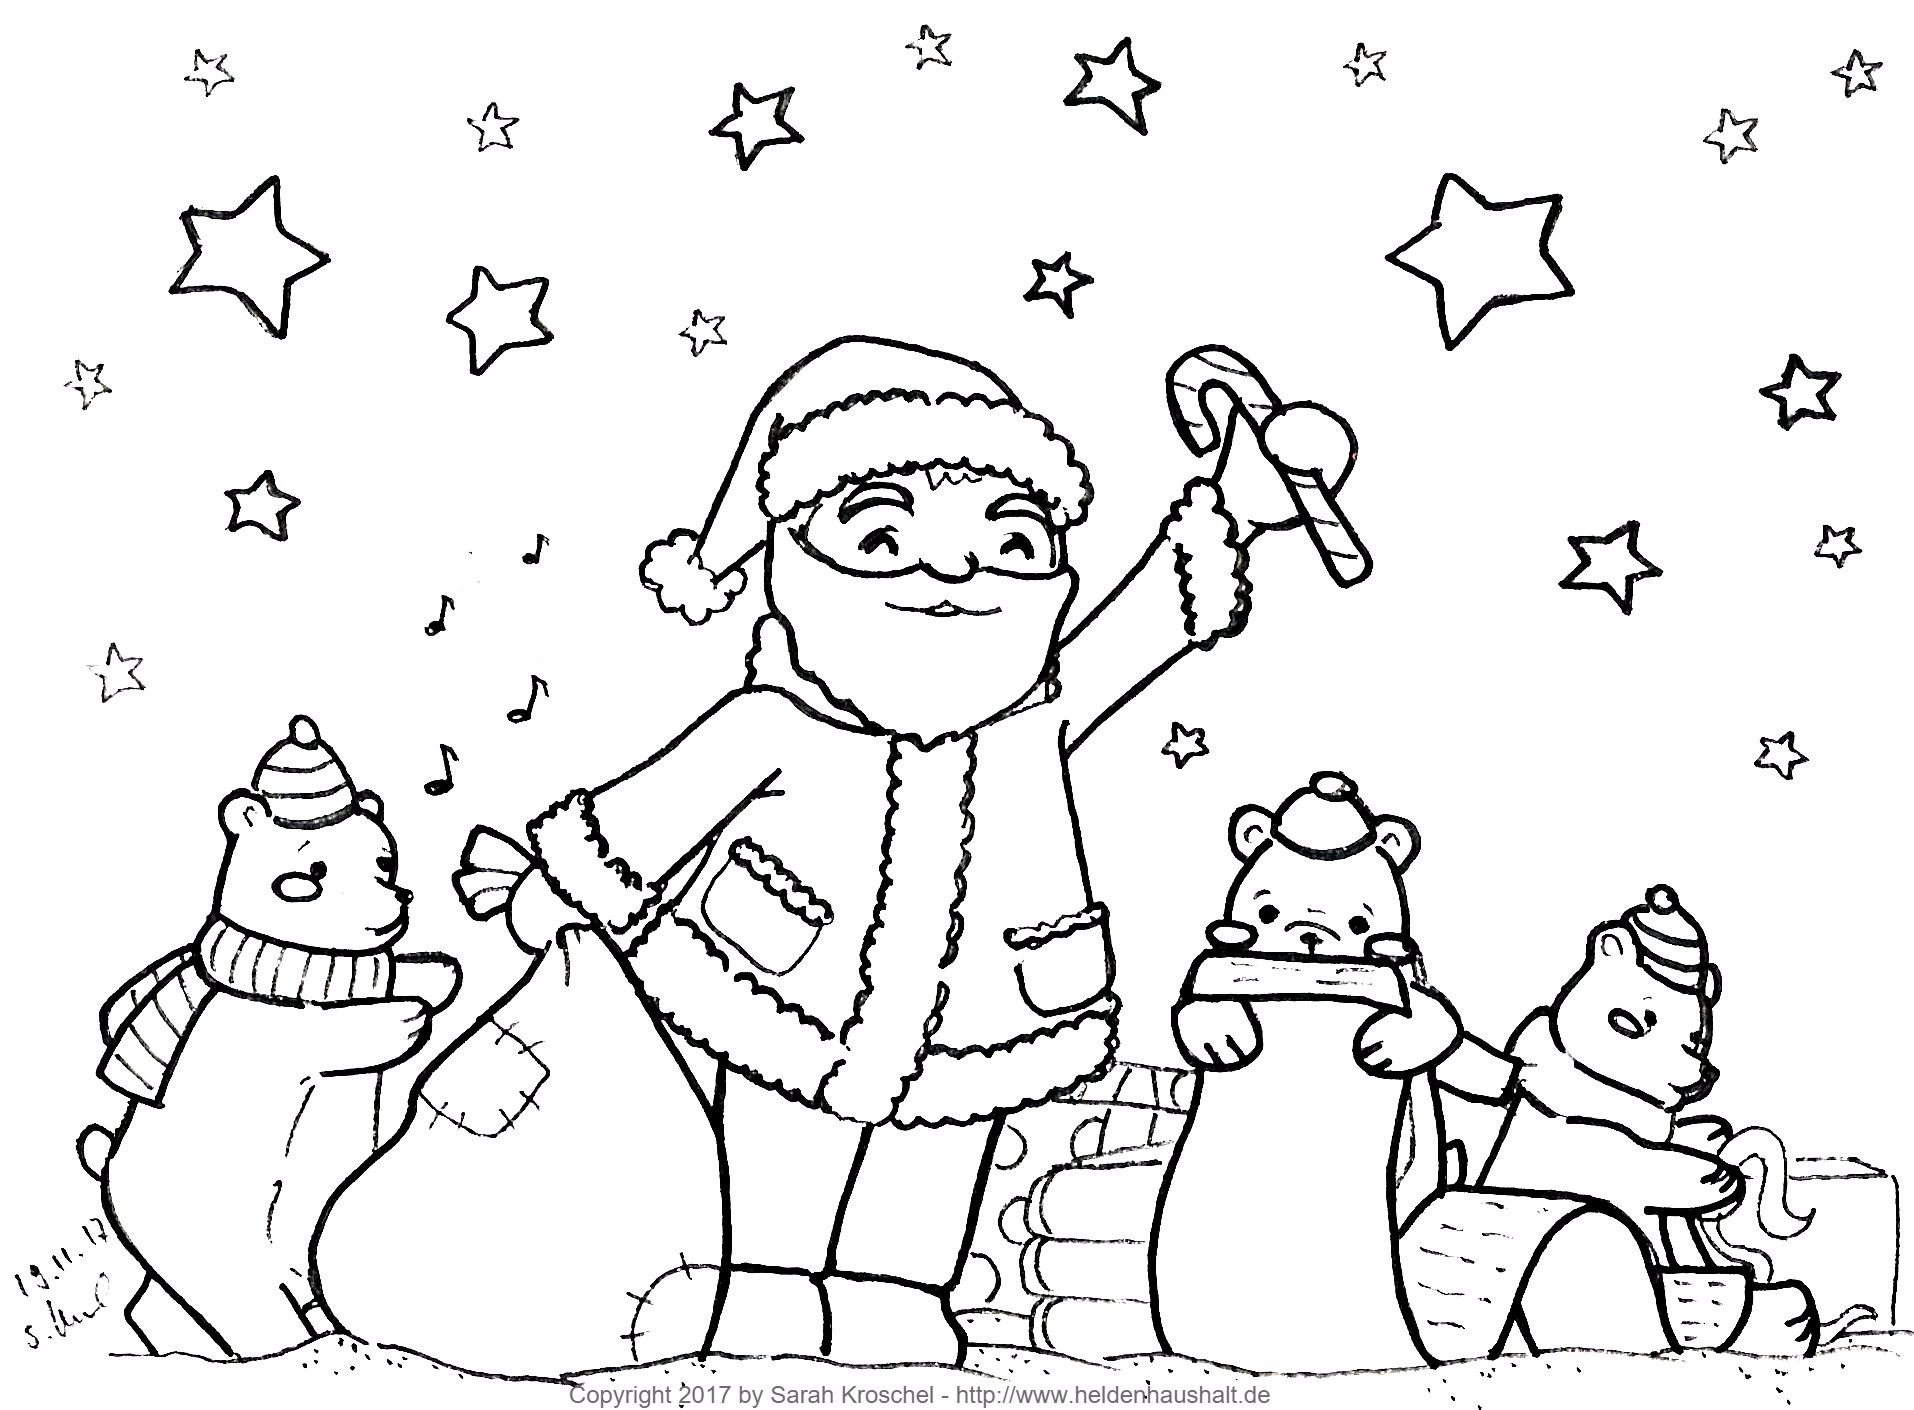 In der Weihnachtswerkstatt - Ein Ausmalbild zur Weihnachtszeit